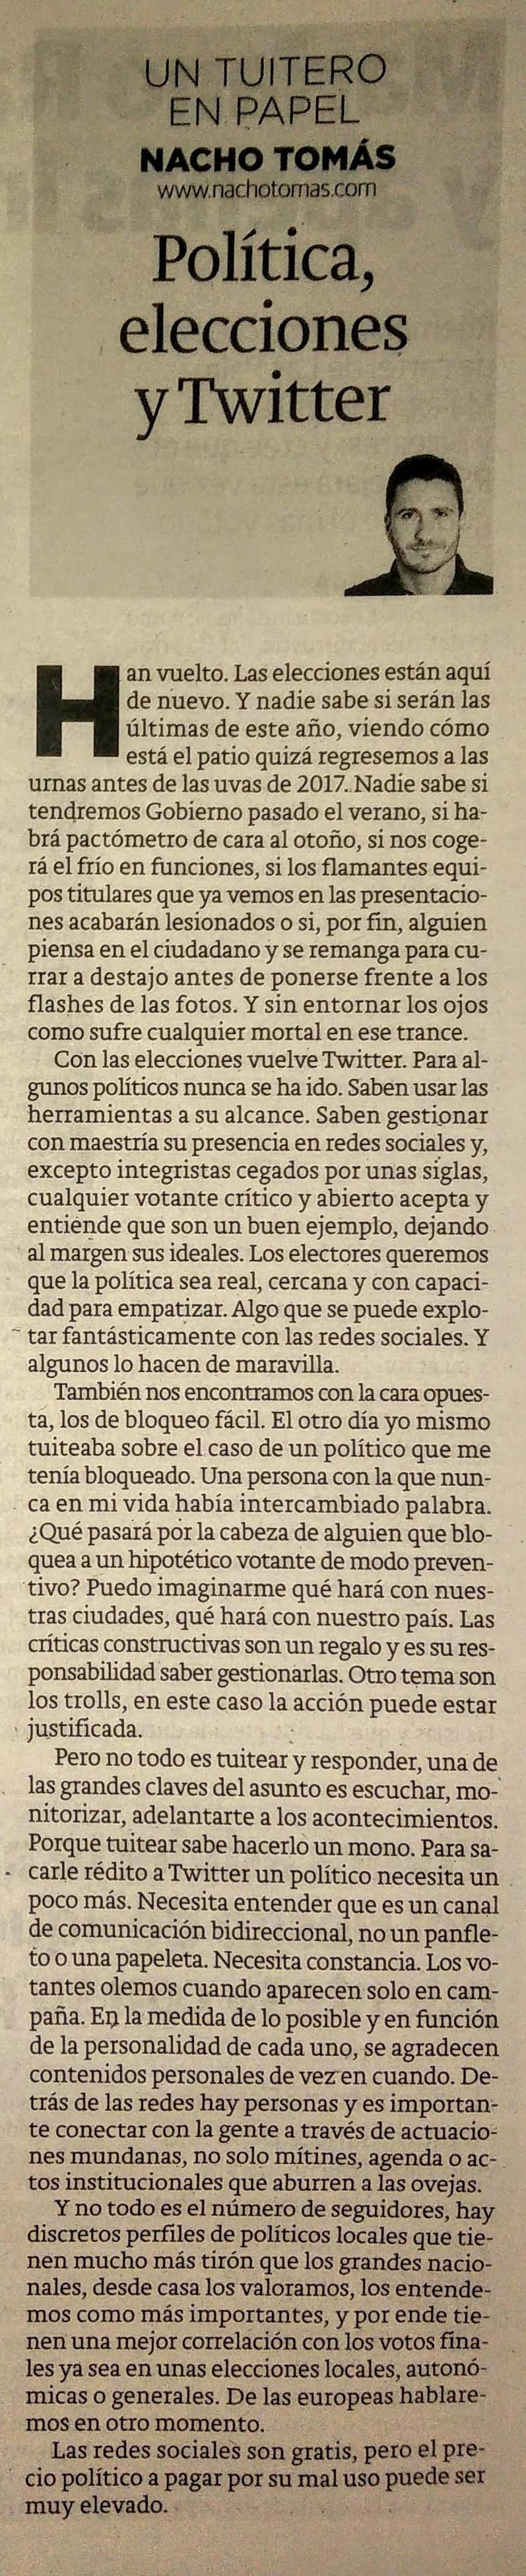 Política, elecciones y Twitter.